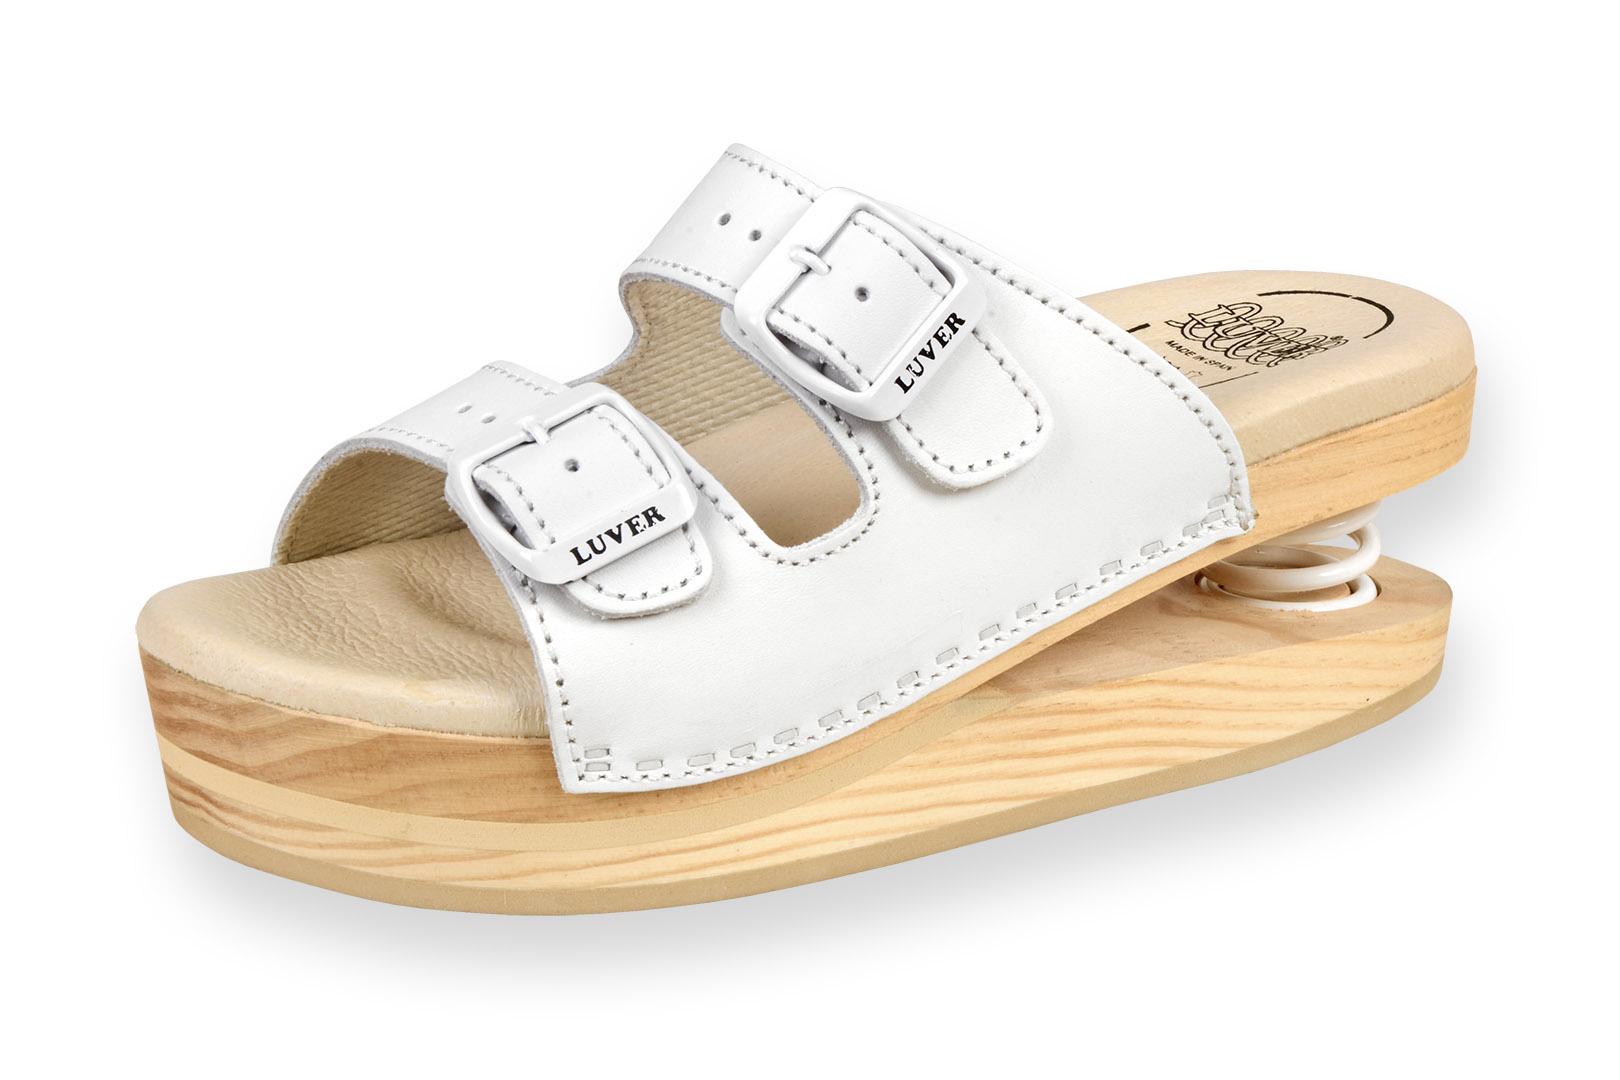 Zdravotní pantofle dámské Primavera Luver bílá - Kliknutím zobrazíte detail  obrázku. 2e3dadabaa